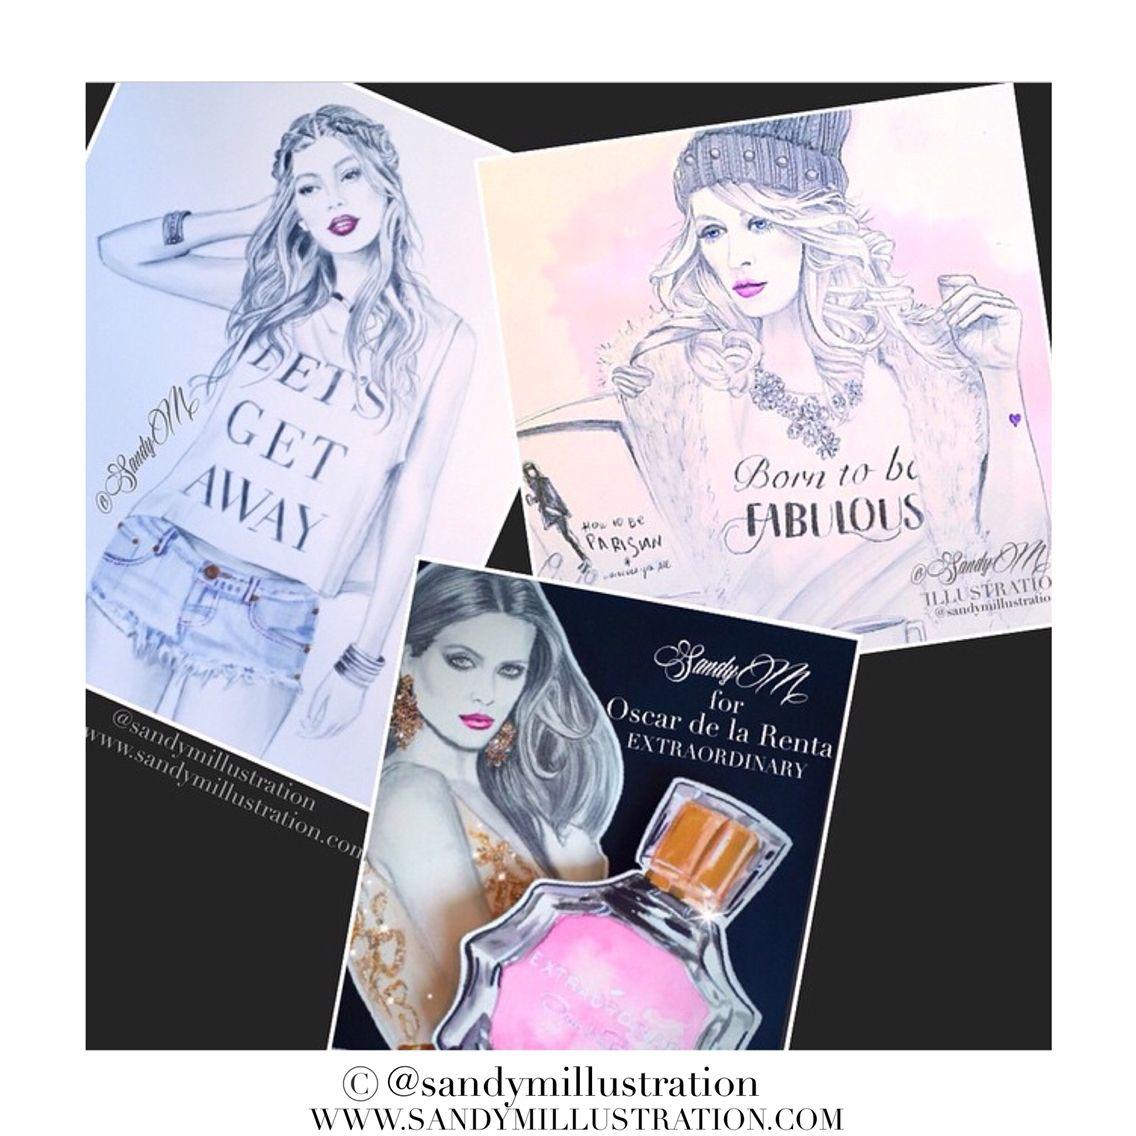 www.sandymillustration.com #fashionillustration by #sandym #sandymillustration #fashion #illustration